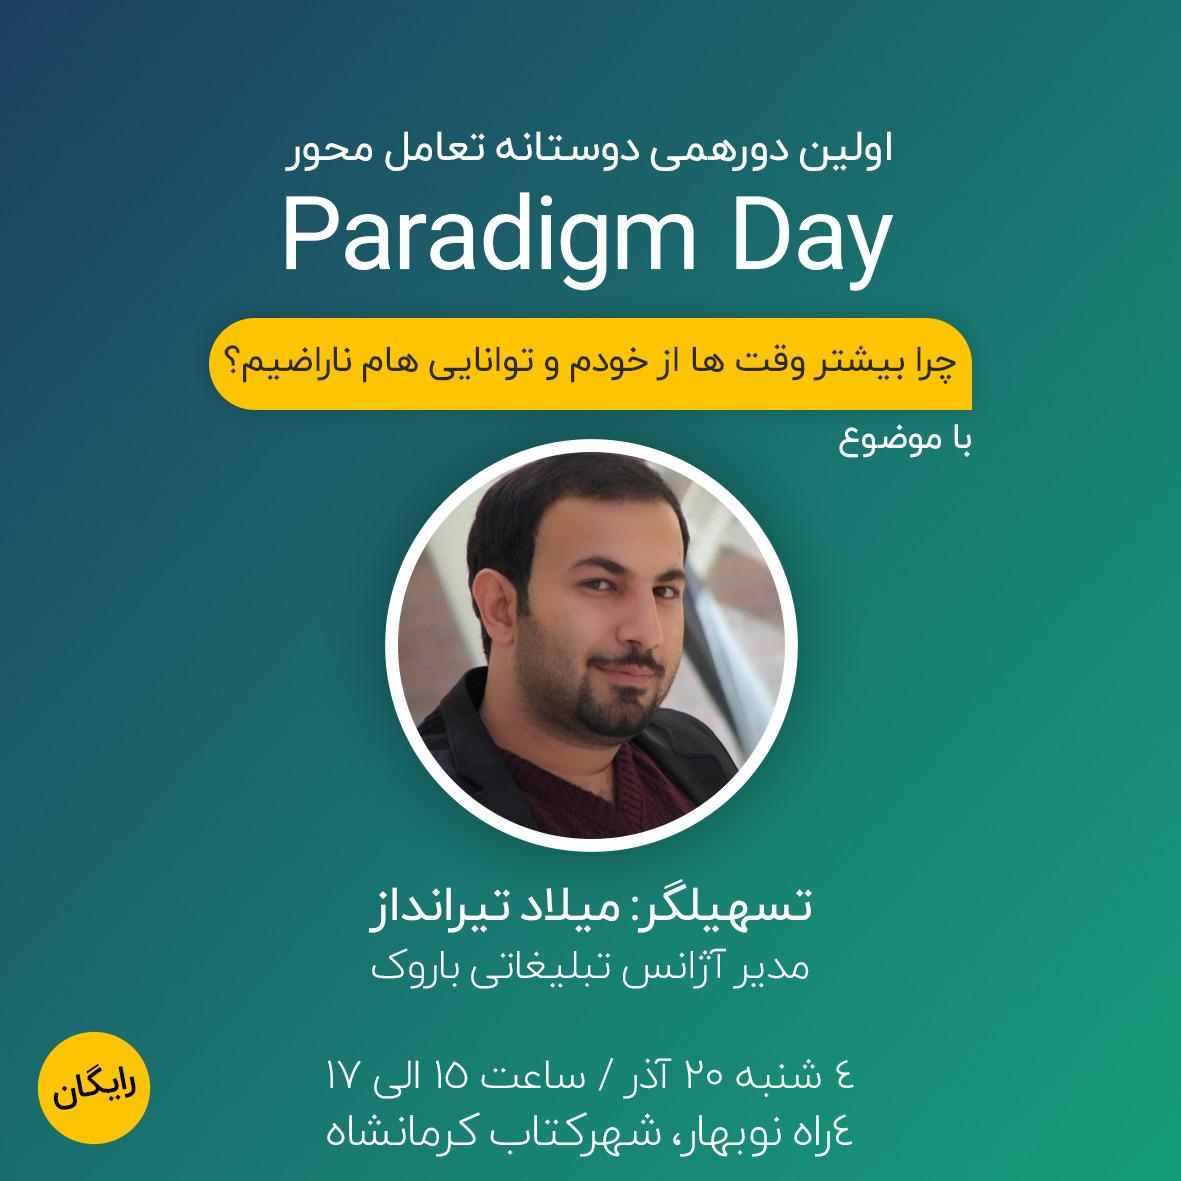 سلسله رویدادهای ParadigmDay با حمایت آژانس تبلیغاتی باروک در کرمانشاه برگزار می گردد